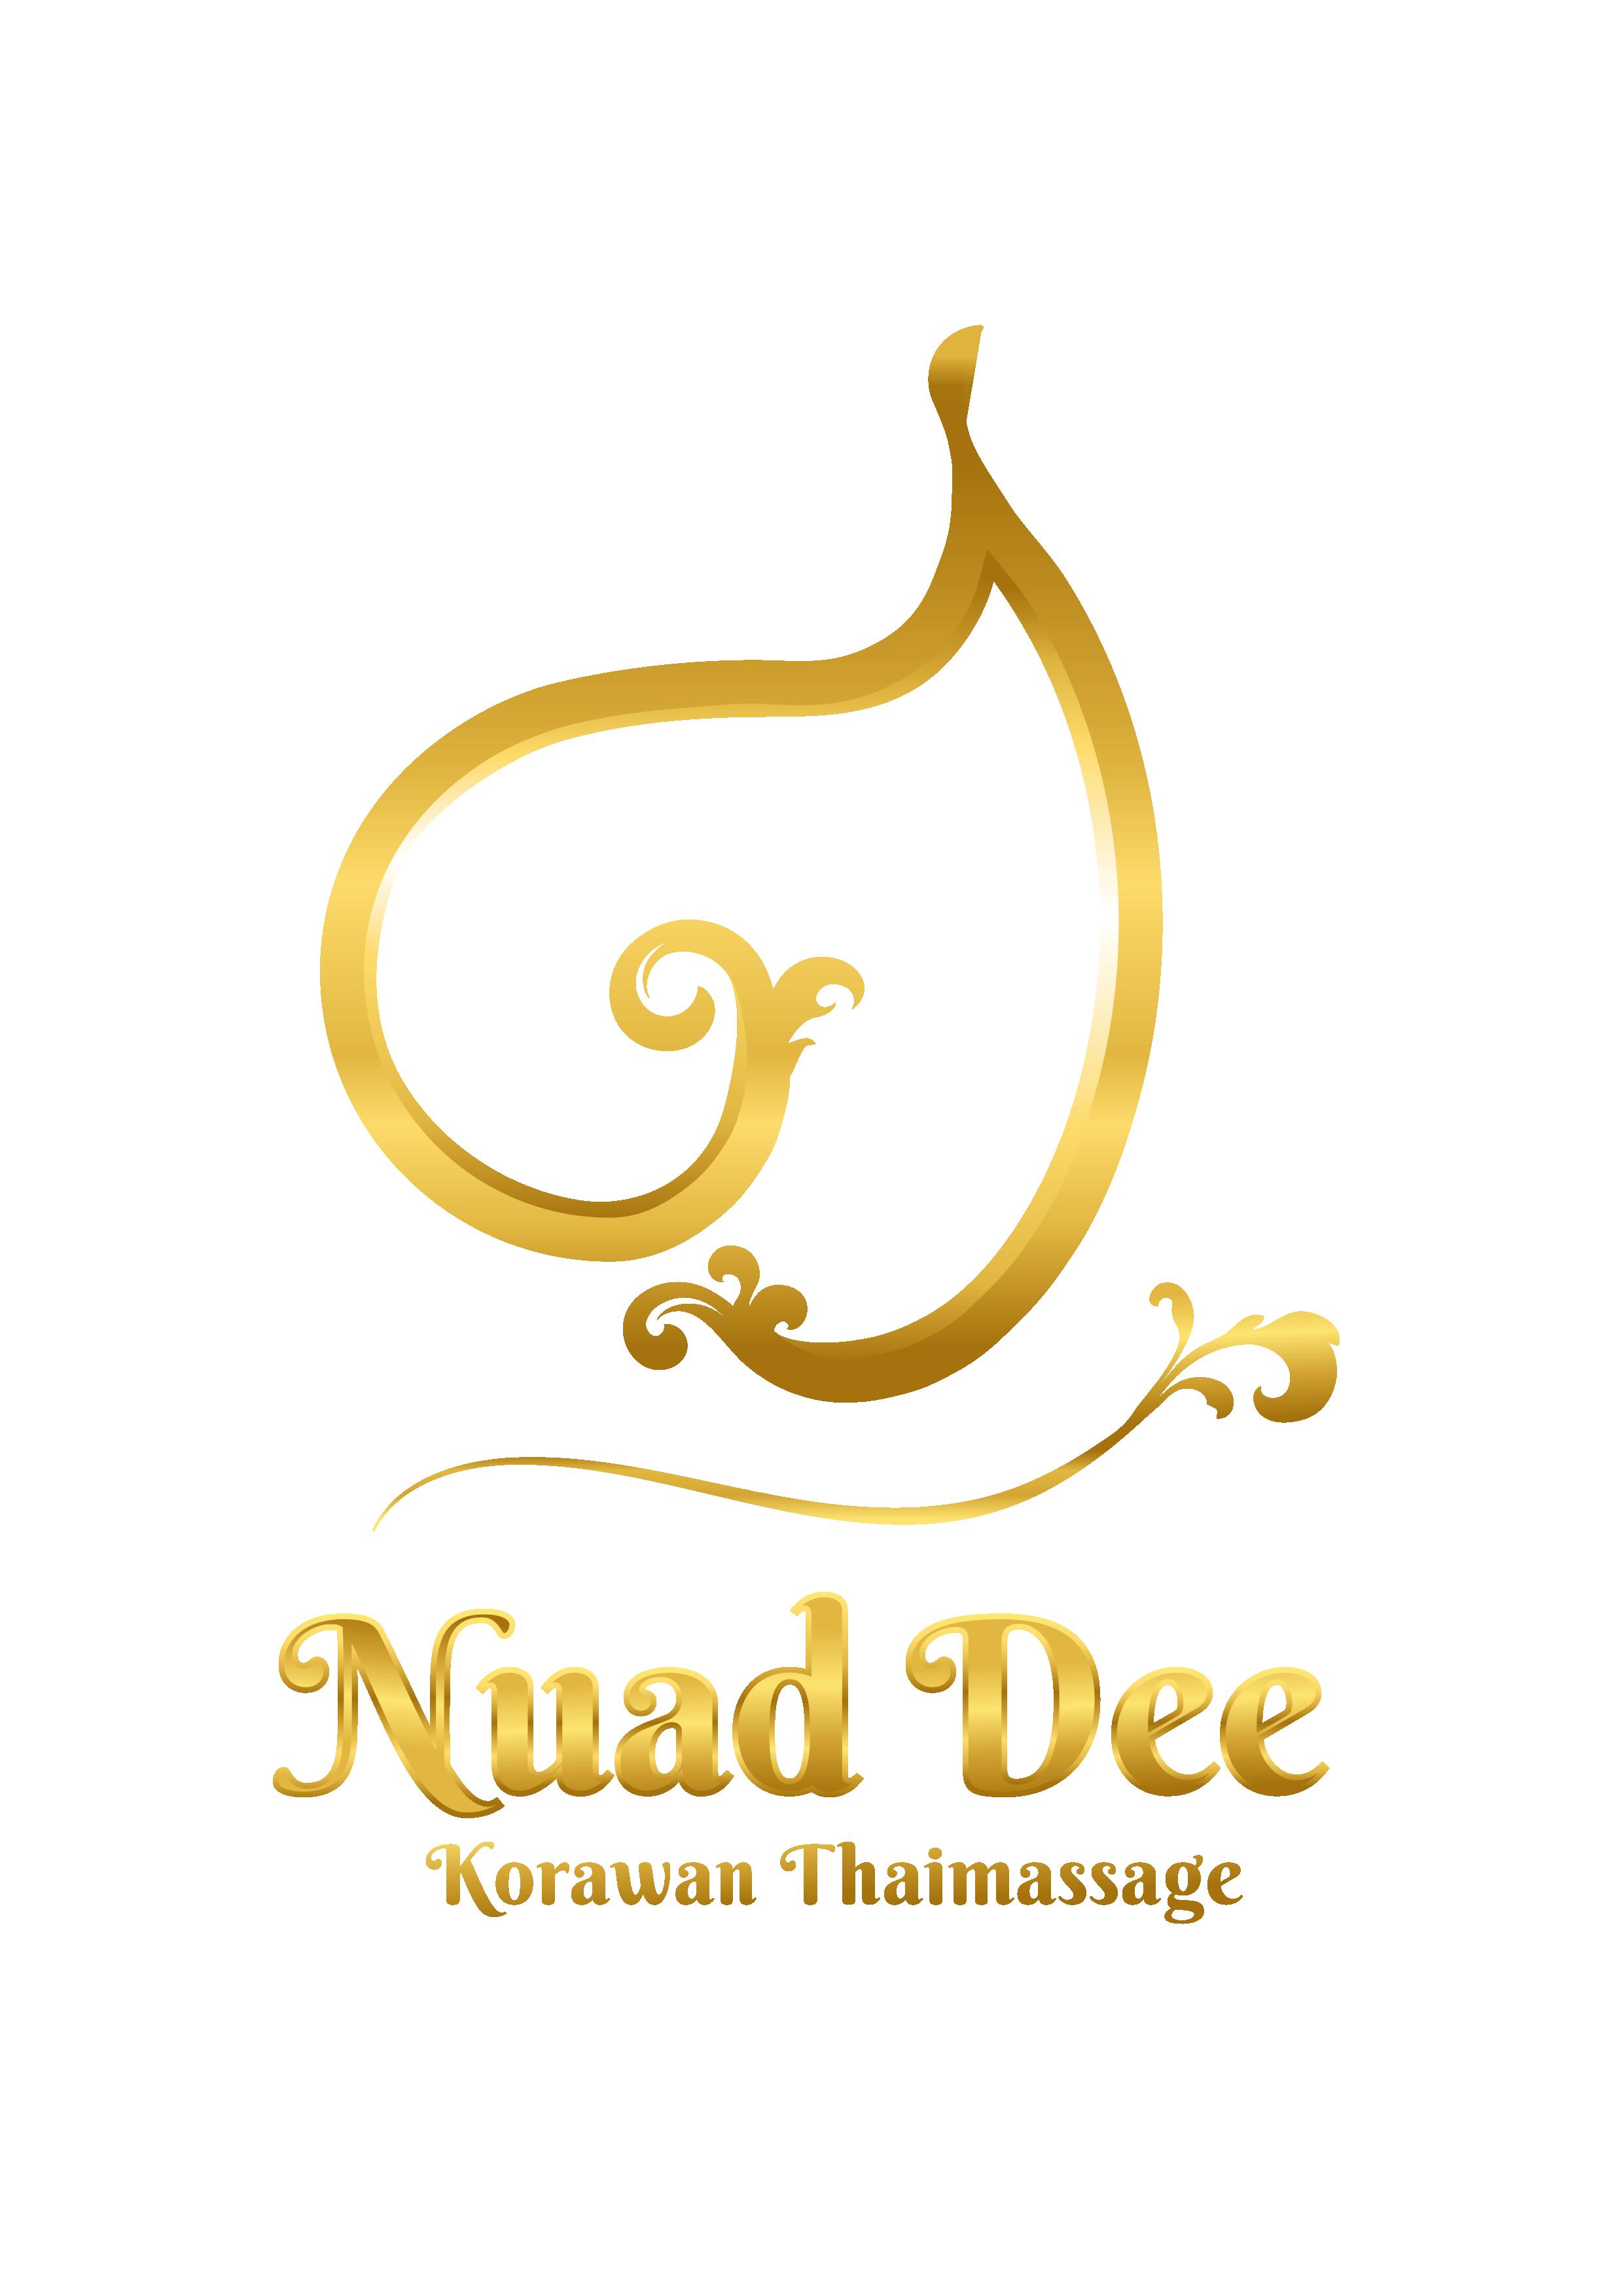 korawan-thaimassage-konstanz-logo-nuad-dee-gold